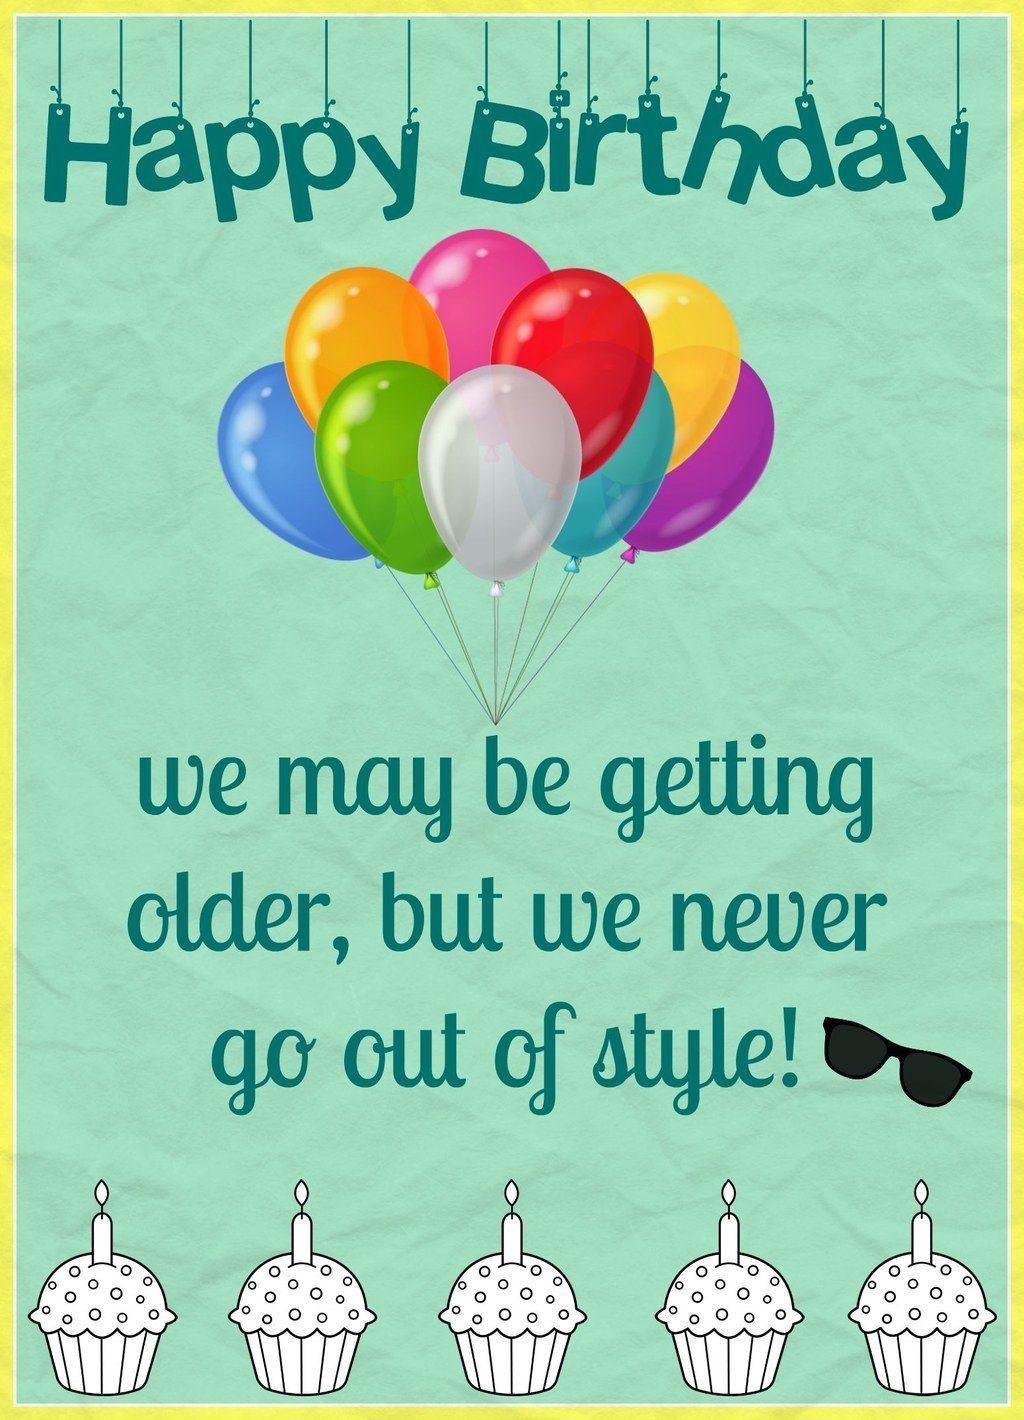 Birthday Taylor swift lyrics, Taylor swift birthday card